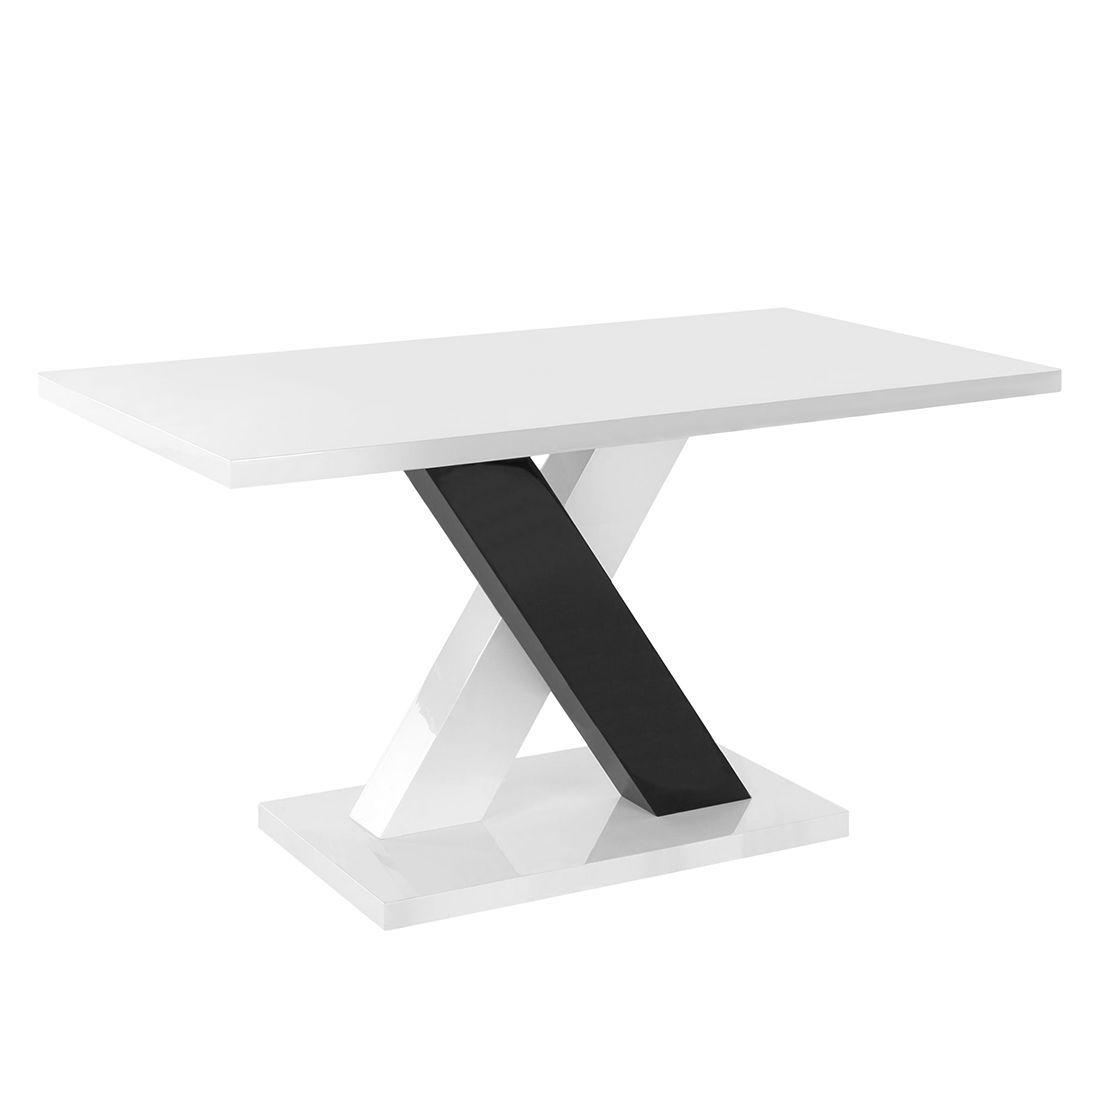 Esstisch Roulette Weiss Schwarz Home Design Jetzt Bestellen Unter Https Moebel Ladendirekt De Kueche Und Esszimmer Tische Esstische Esstisch Dekor Tisch